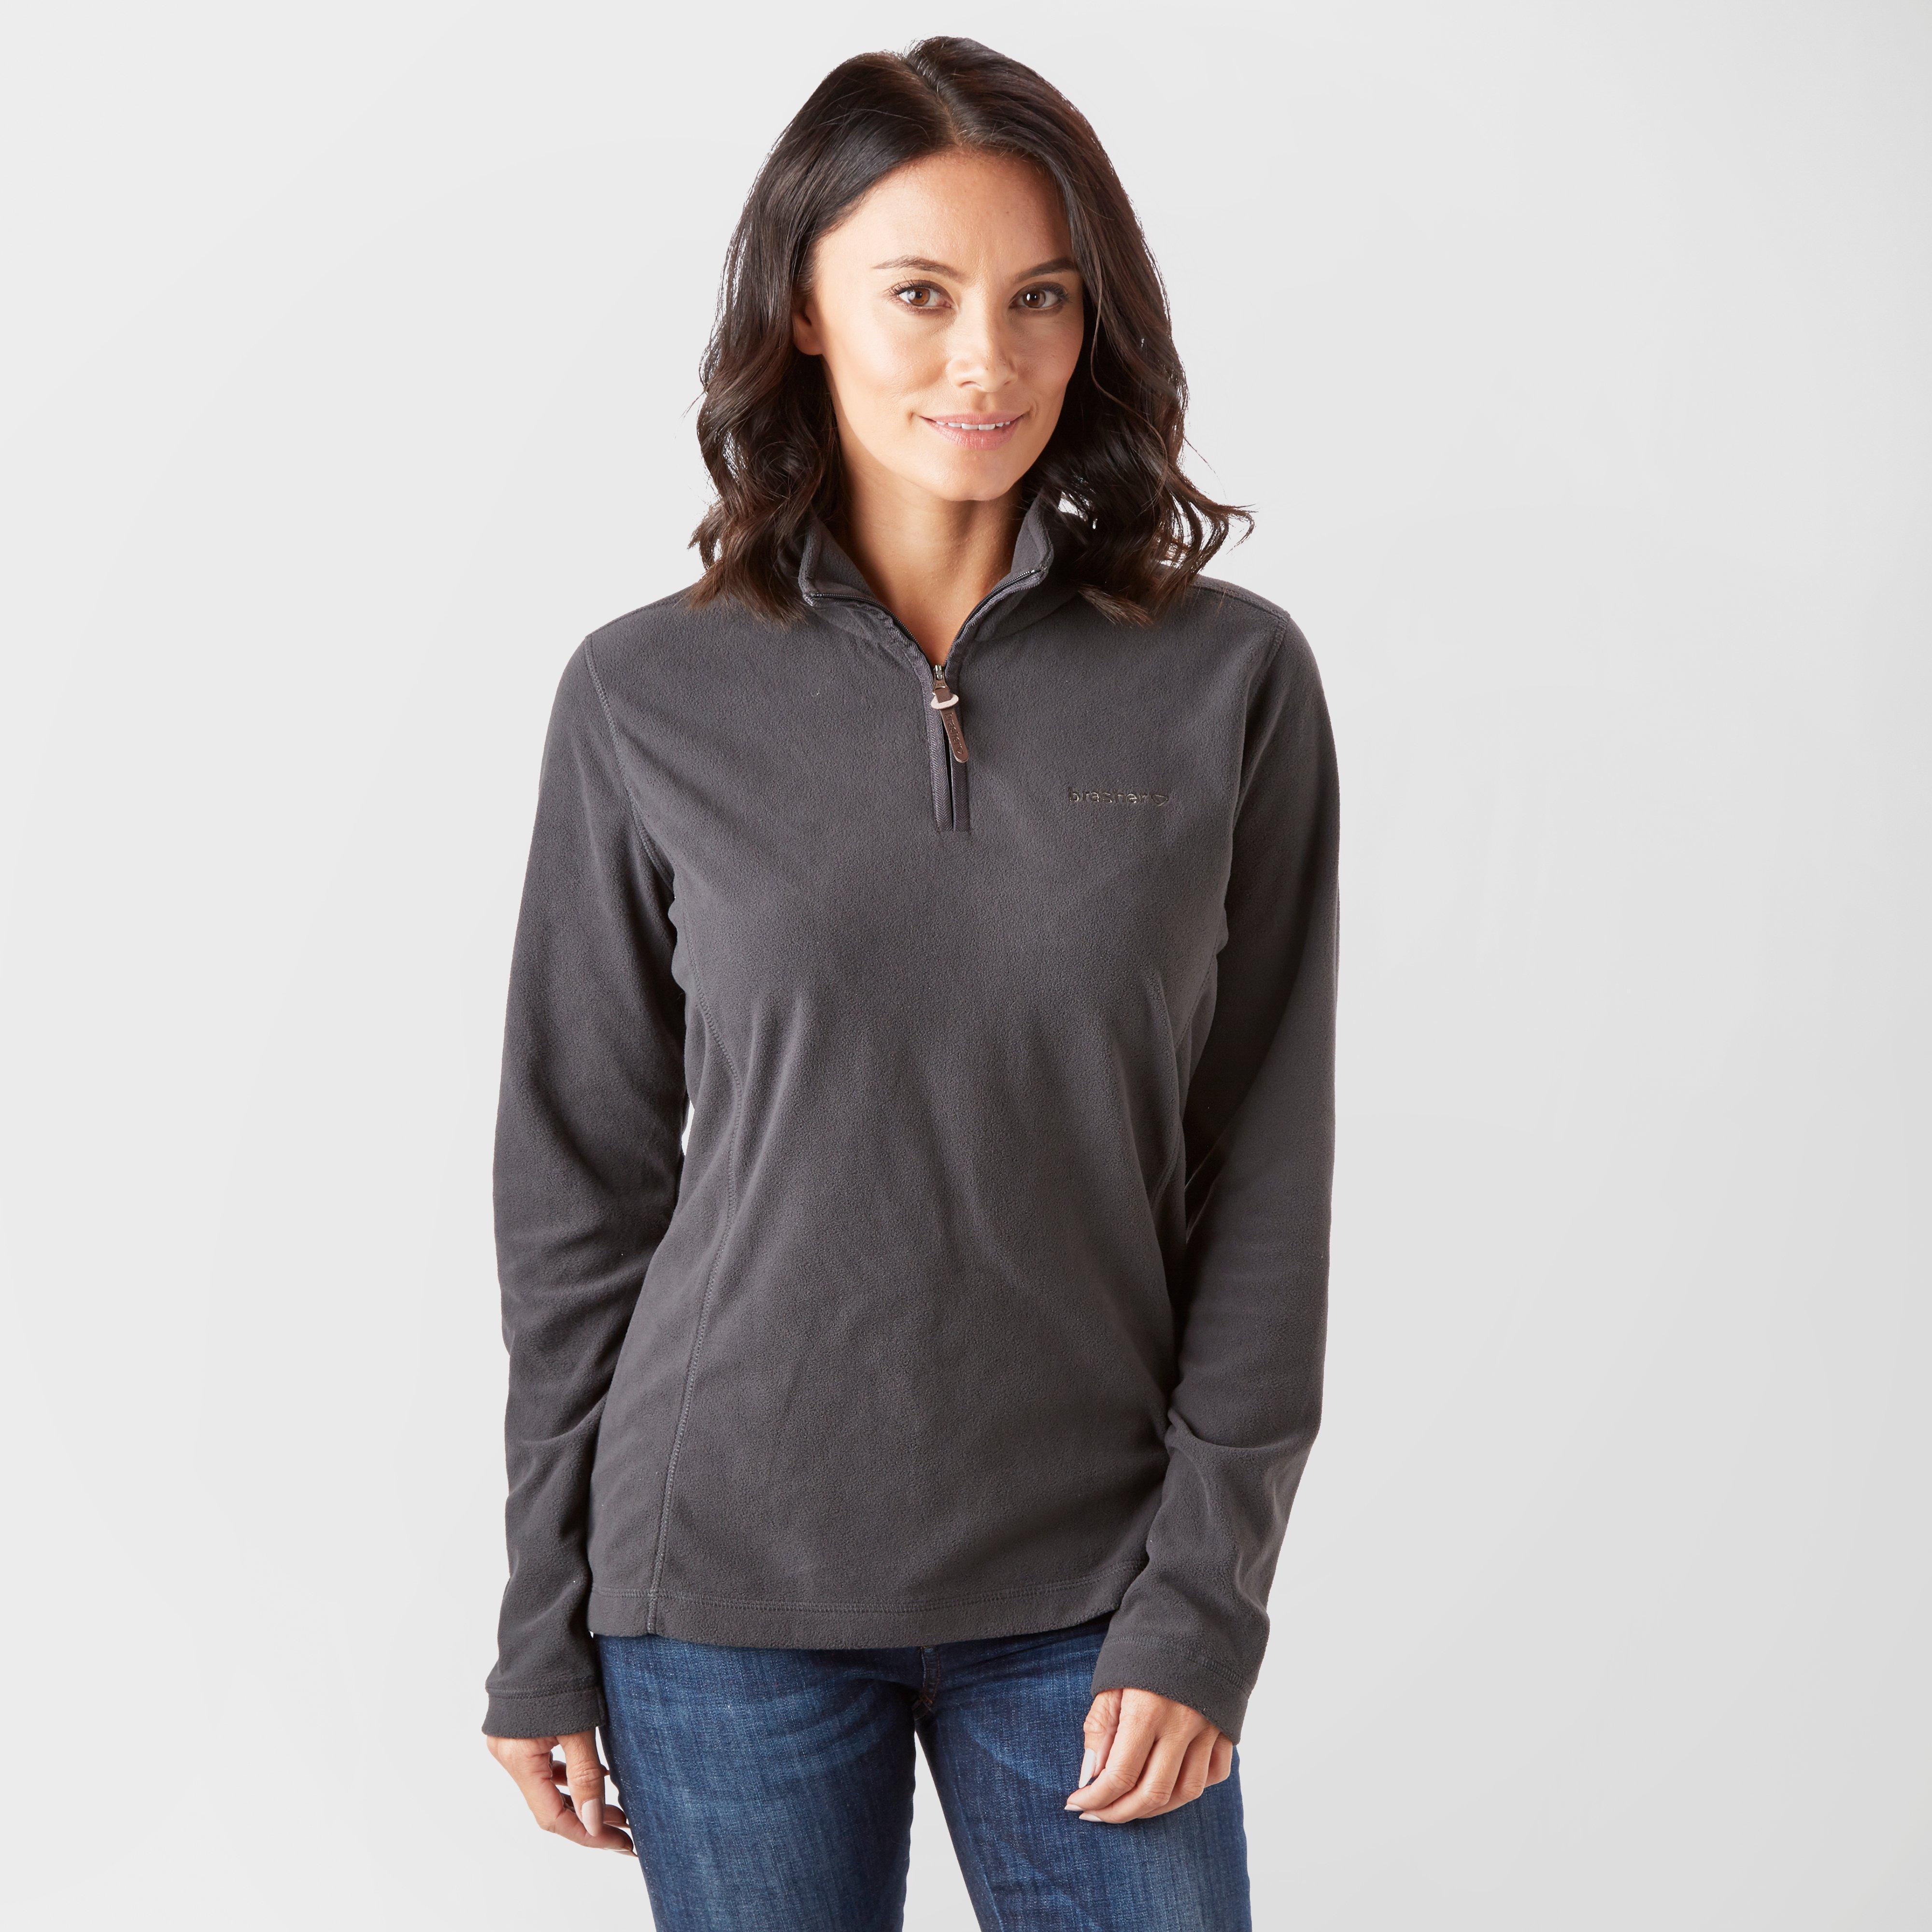 Image of Brasher Women's Bleaberry Half Zip Fleece - Grey/Dgy, Grey/DGY